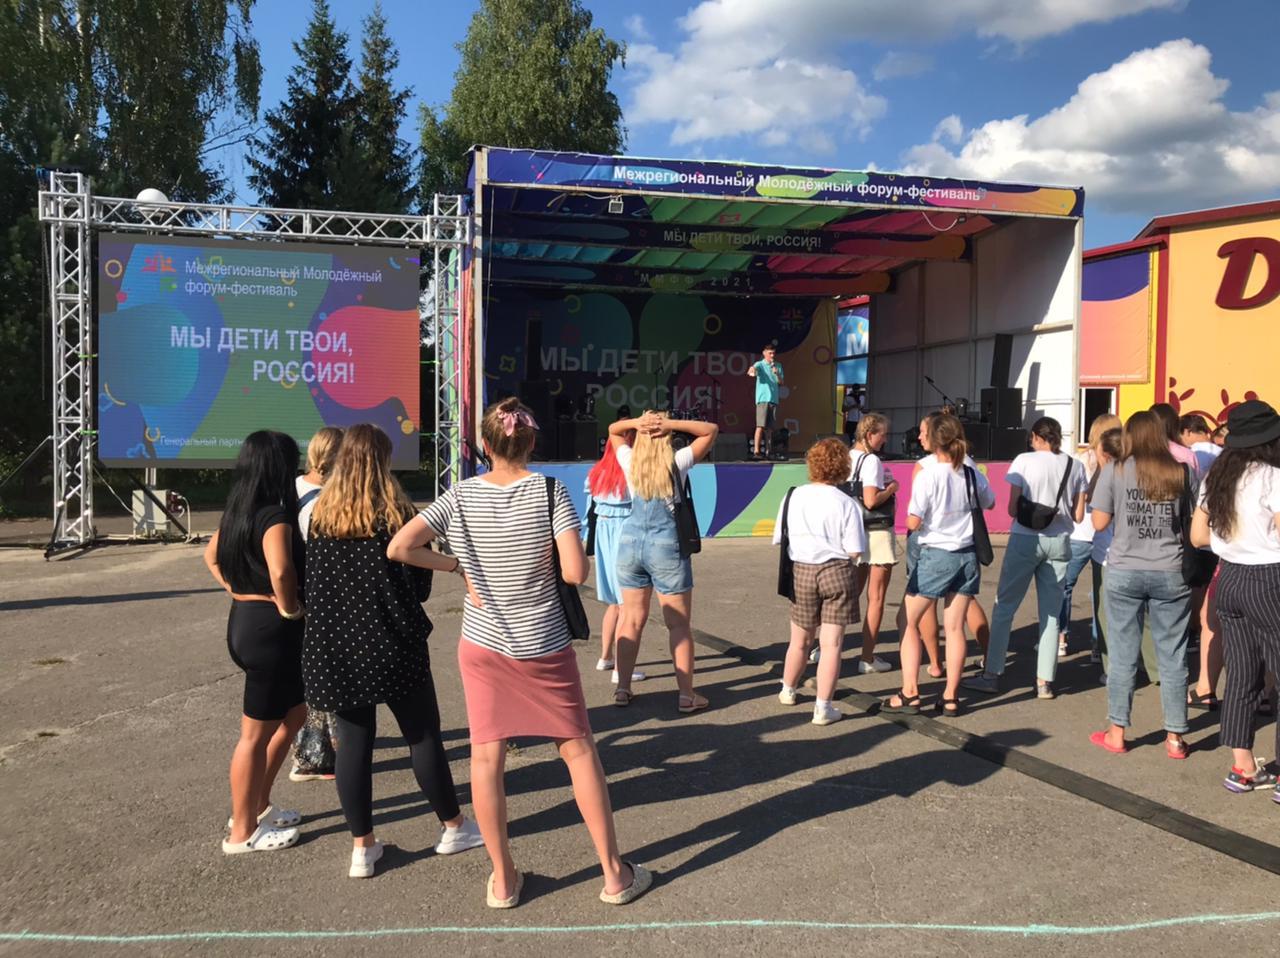 В Ярославской области пройдет самый масштабный межрегиональный форум при поддержке Росмолодежи